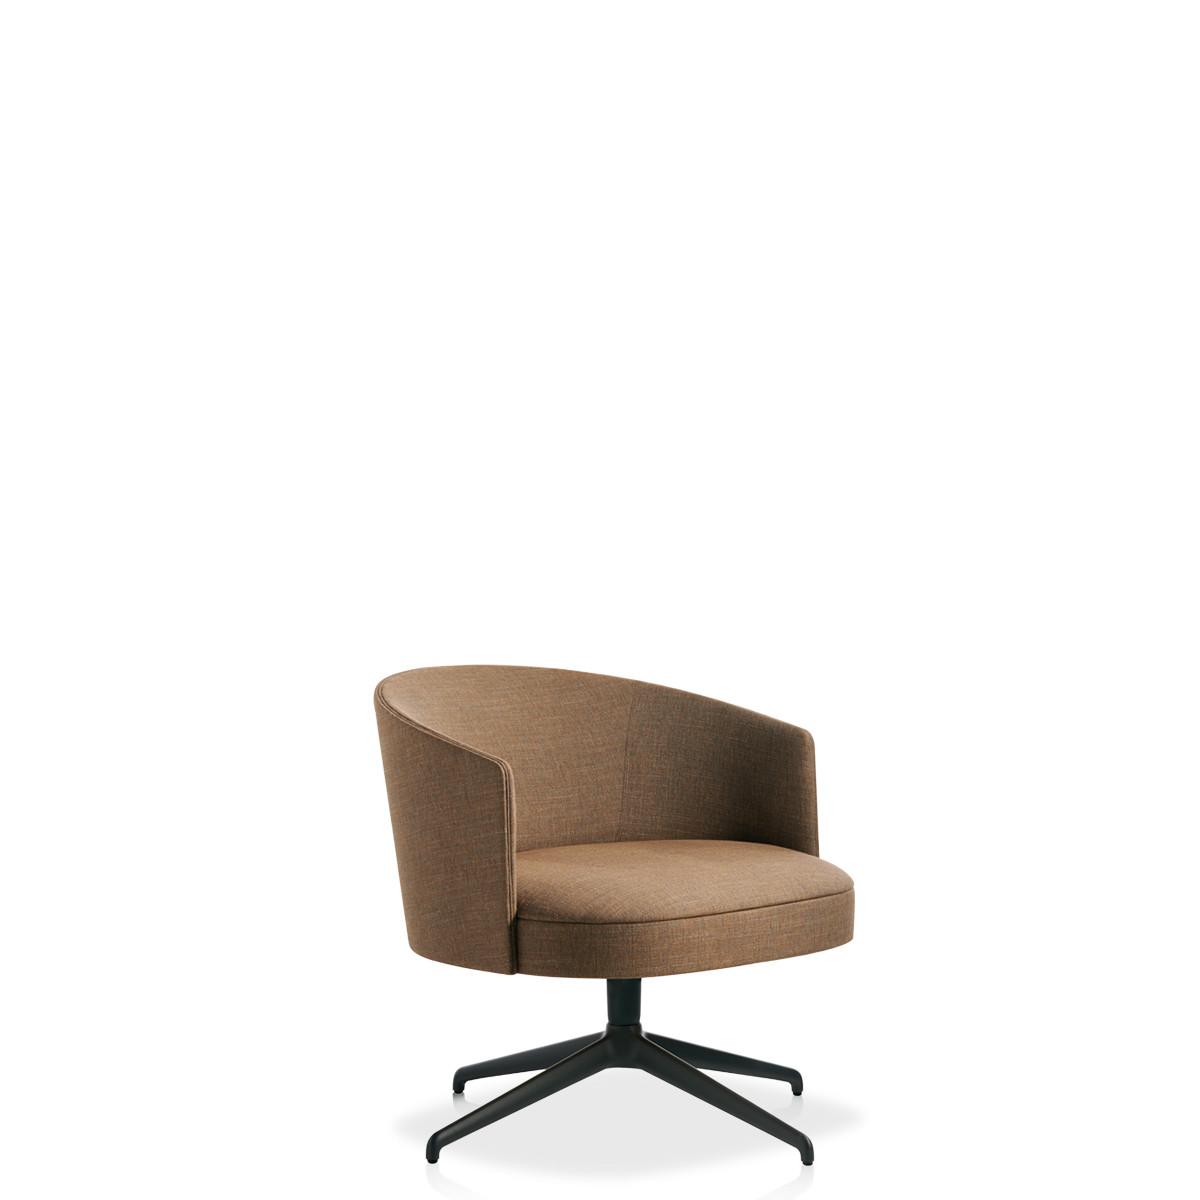 Entdecken Sie bei Conzept Beckord besondere Designmöbel! Hier finden Sie Potocco Sofas und Sessel: Lena drehstuhl